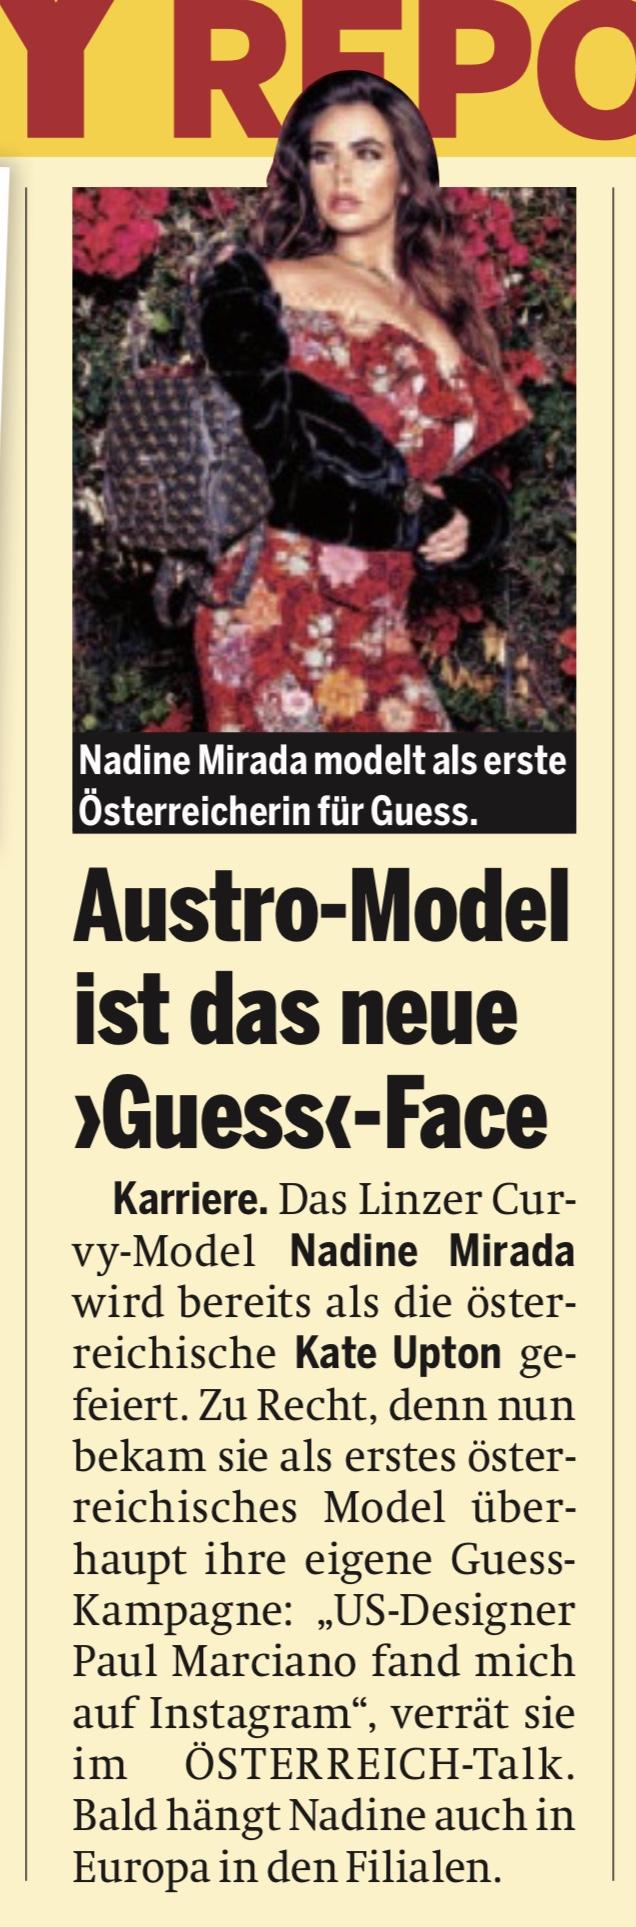 Oesterreich_Presse_Nadinemirada